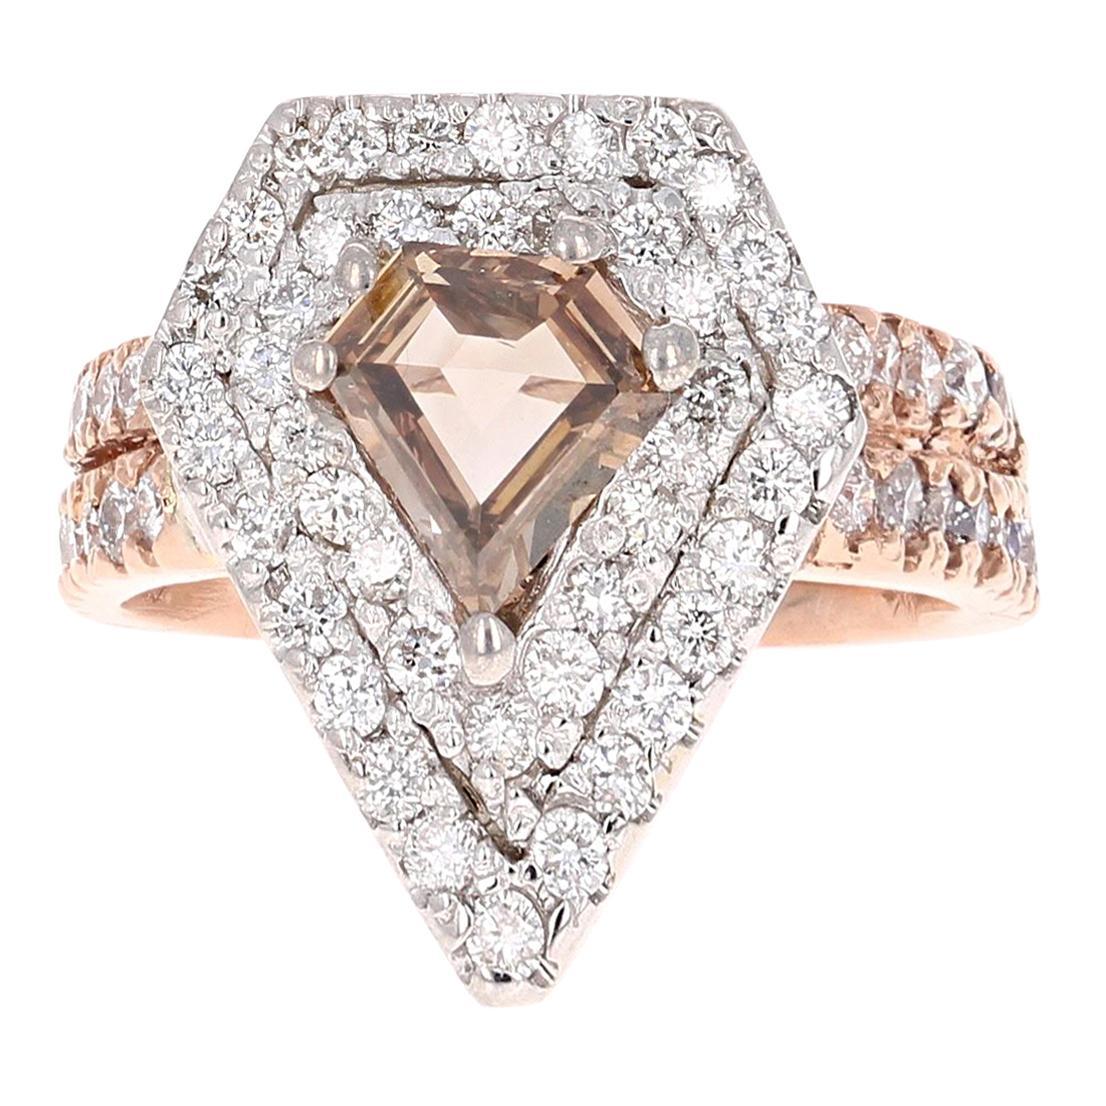 2.15 Carat Fancy Diamond Cut Diamond Engagement Ring 14 Karat Rose White Gold